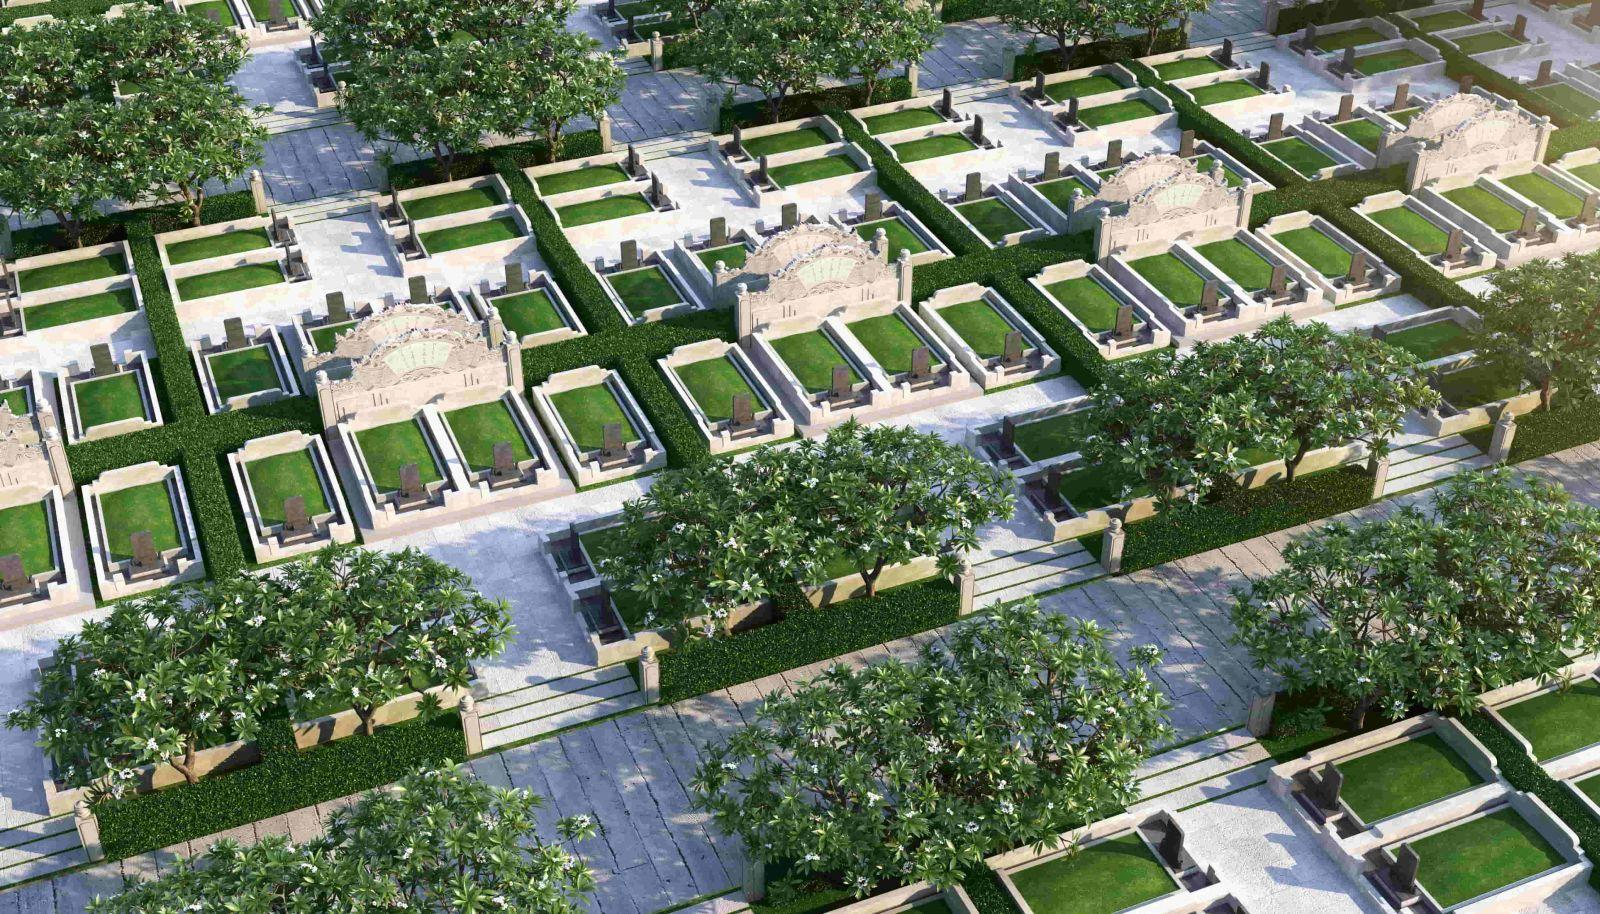 Liên hệ ngay để có đất nghĩa trang đẹp tại công viên Vĩnh Hằng